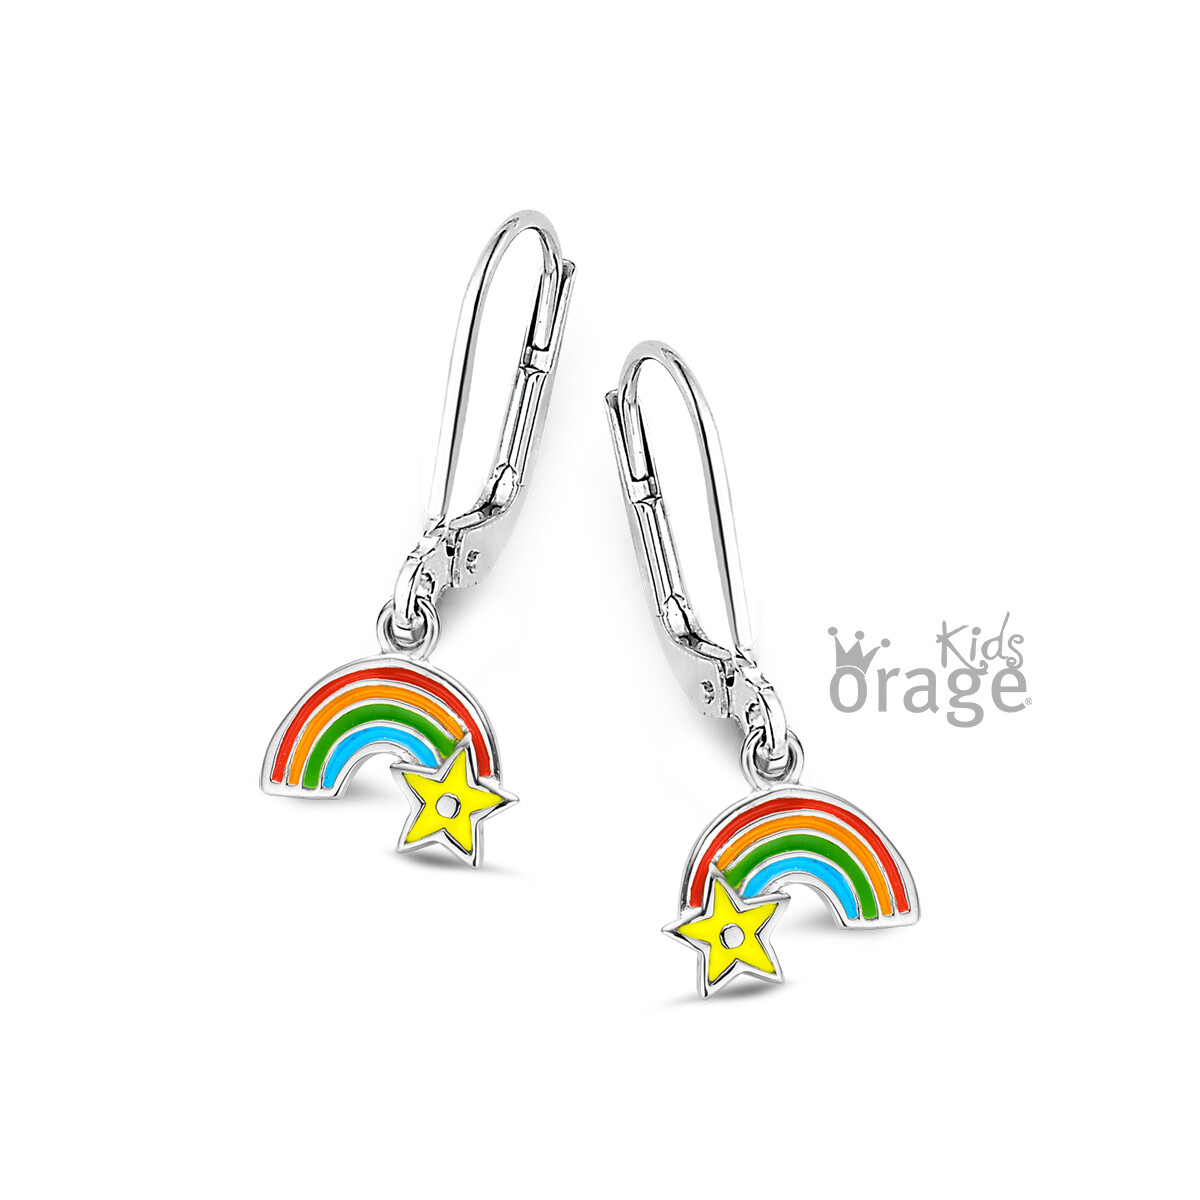 Boucles d'oreilles Orage Kids K1896